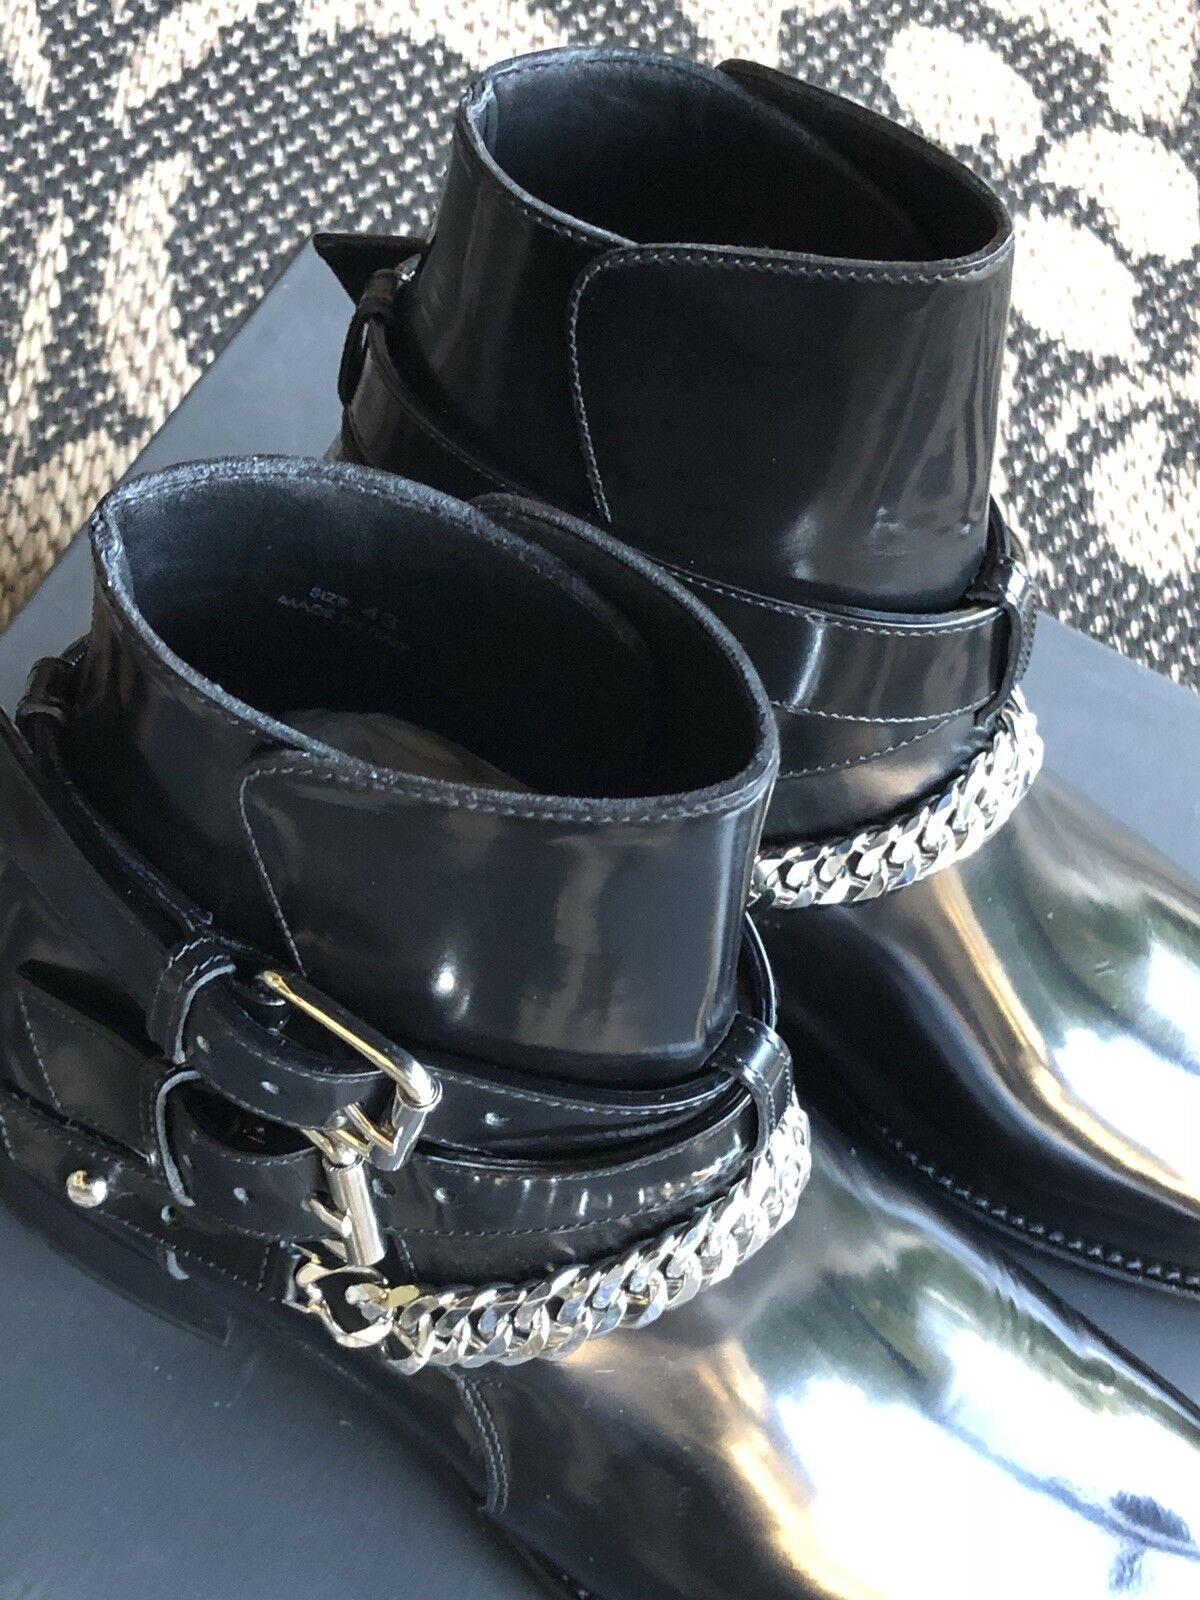 Nuevo En Caja Amiri Jodhpur botas de cadena de Hebilla Negro Brillo US 10  Precio rojoucido